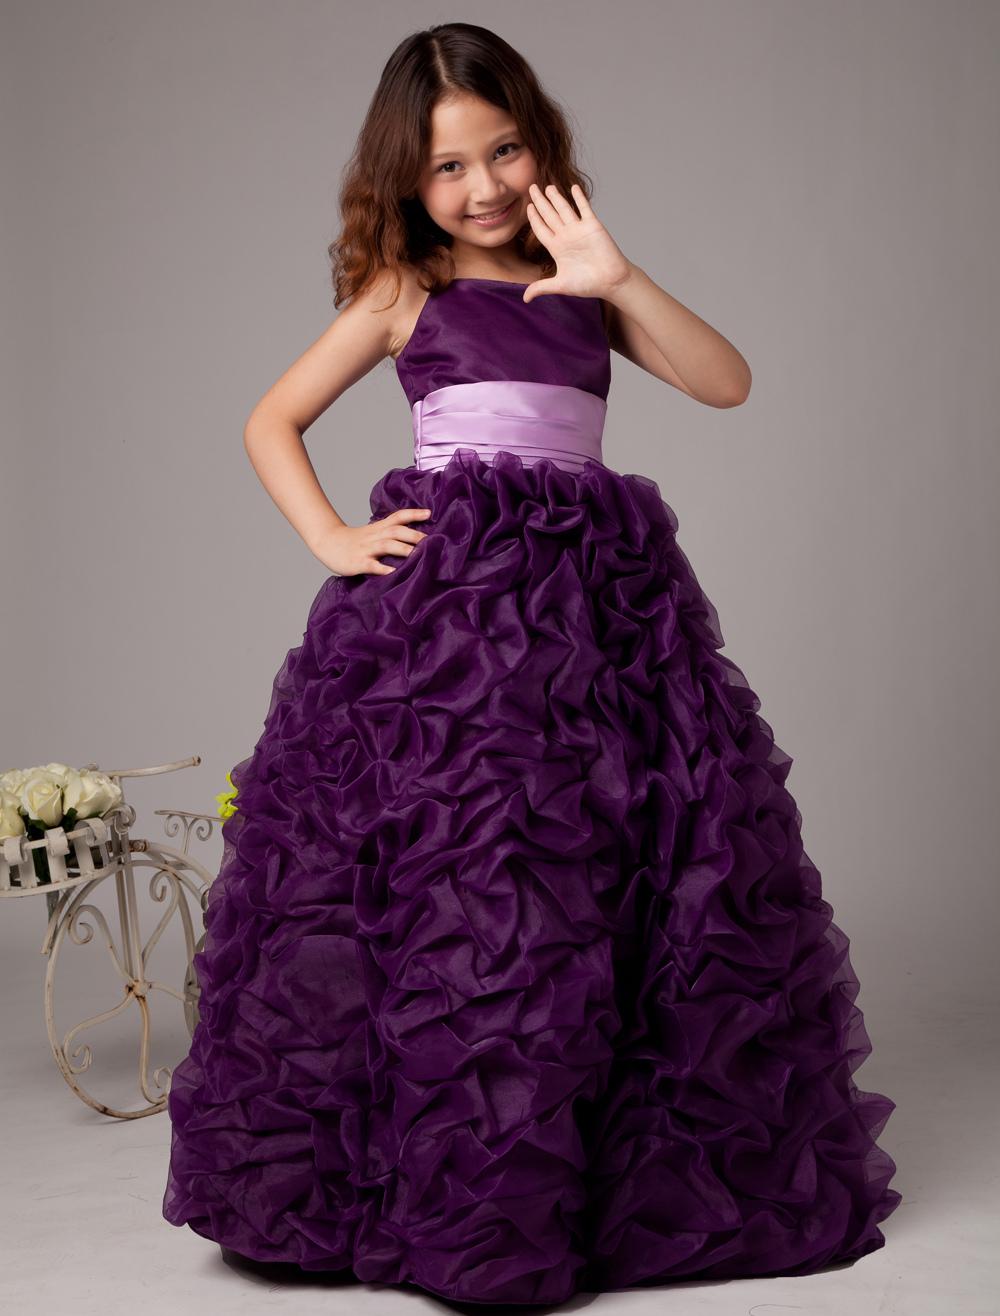 Grape Satin Organza Ball Gown Flower Girl Dress